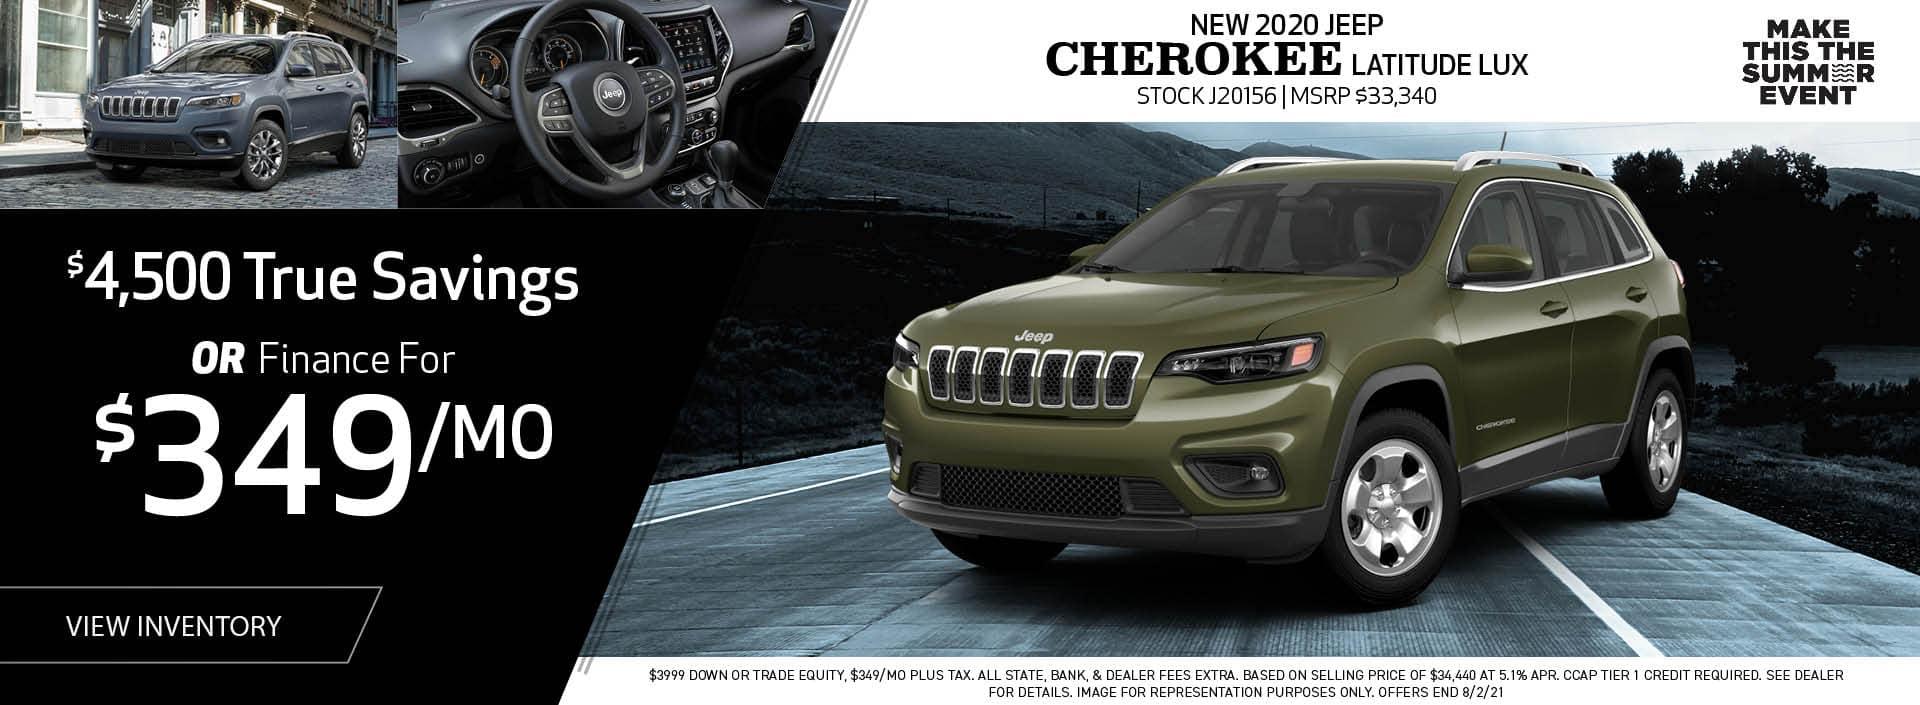 New 2020 Jeep Cherokee Latitude Lux